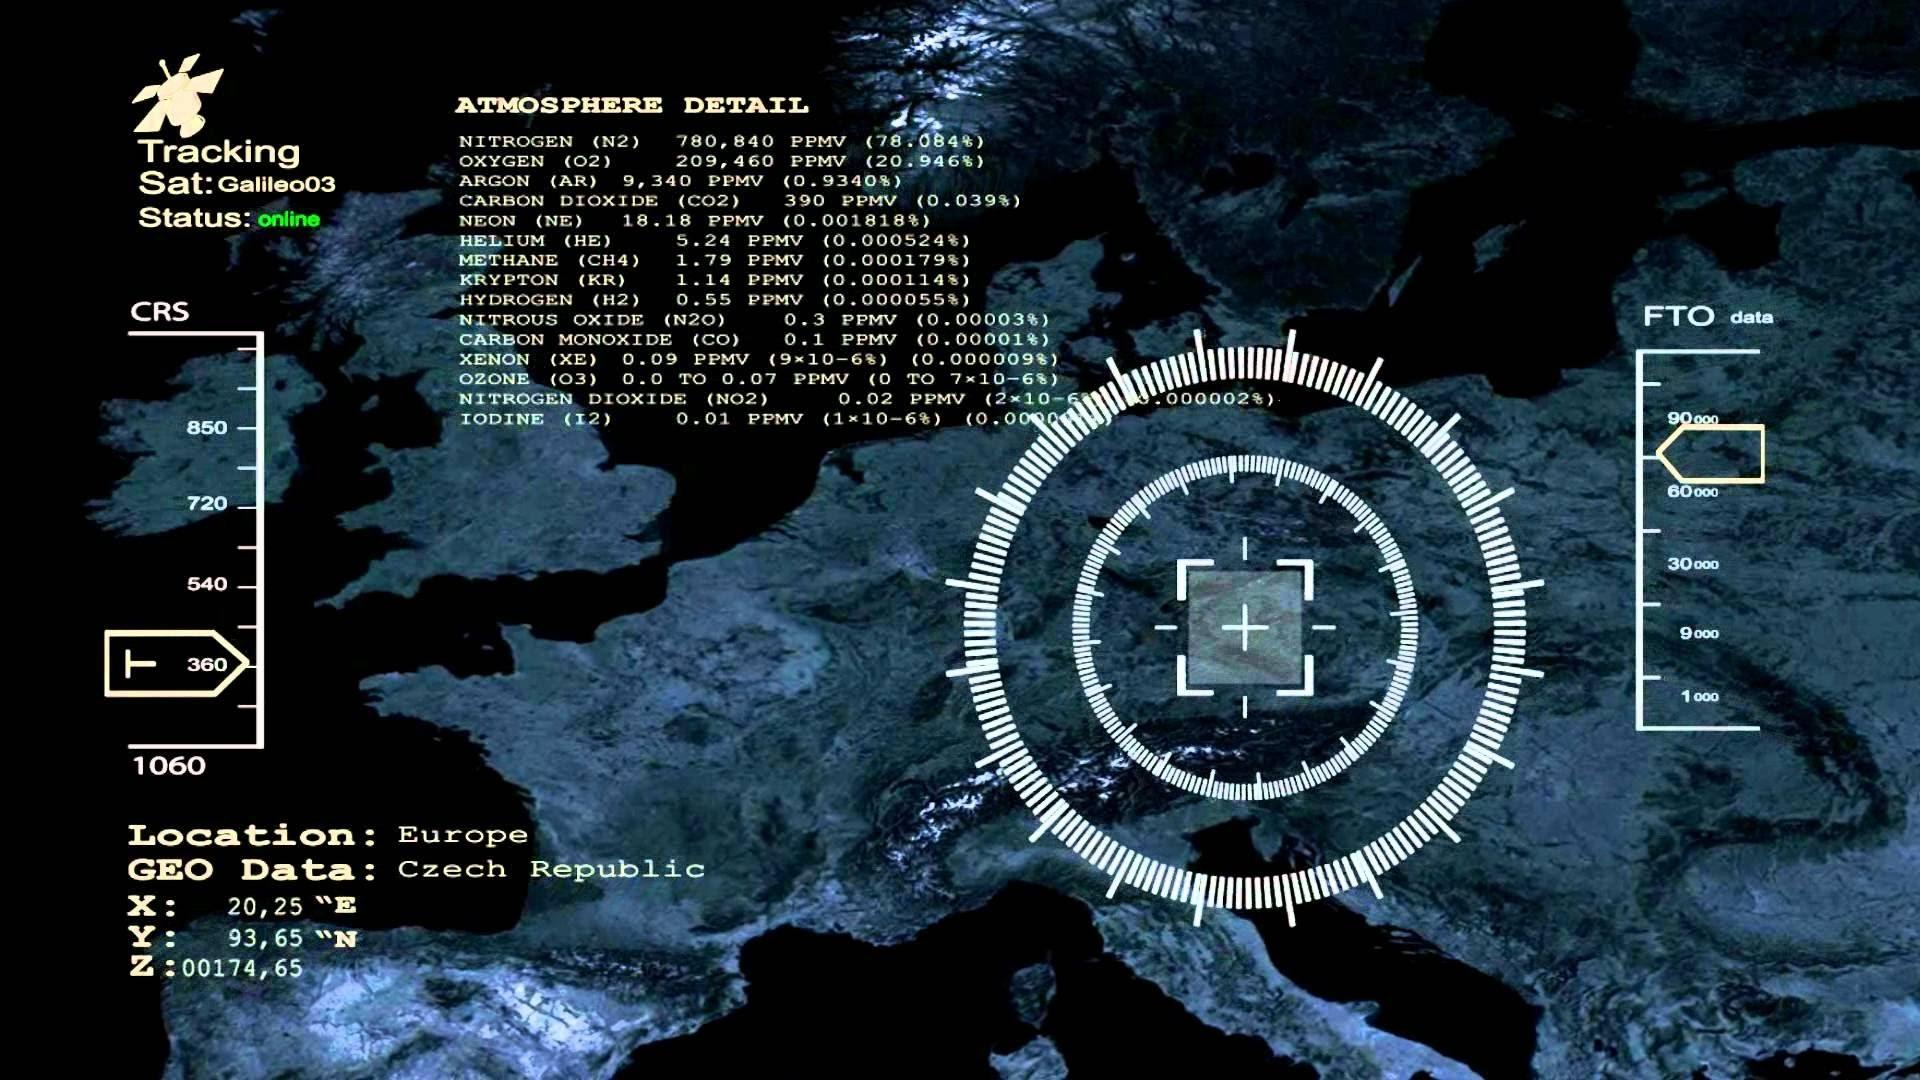 Cia desktop wallpaper 67 images - Satellite wallpaper hd ...